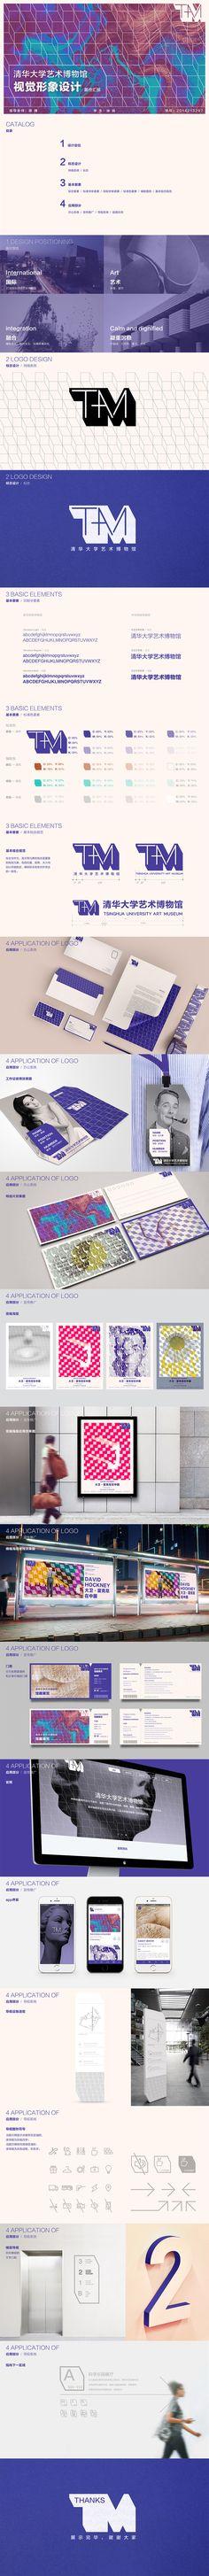 查看此 @Behance 项目: \u201c清华艺术博物馆VI方案\u201d https://www.behance.net/gallery/49560767/VI